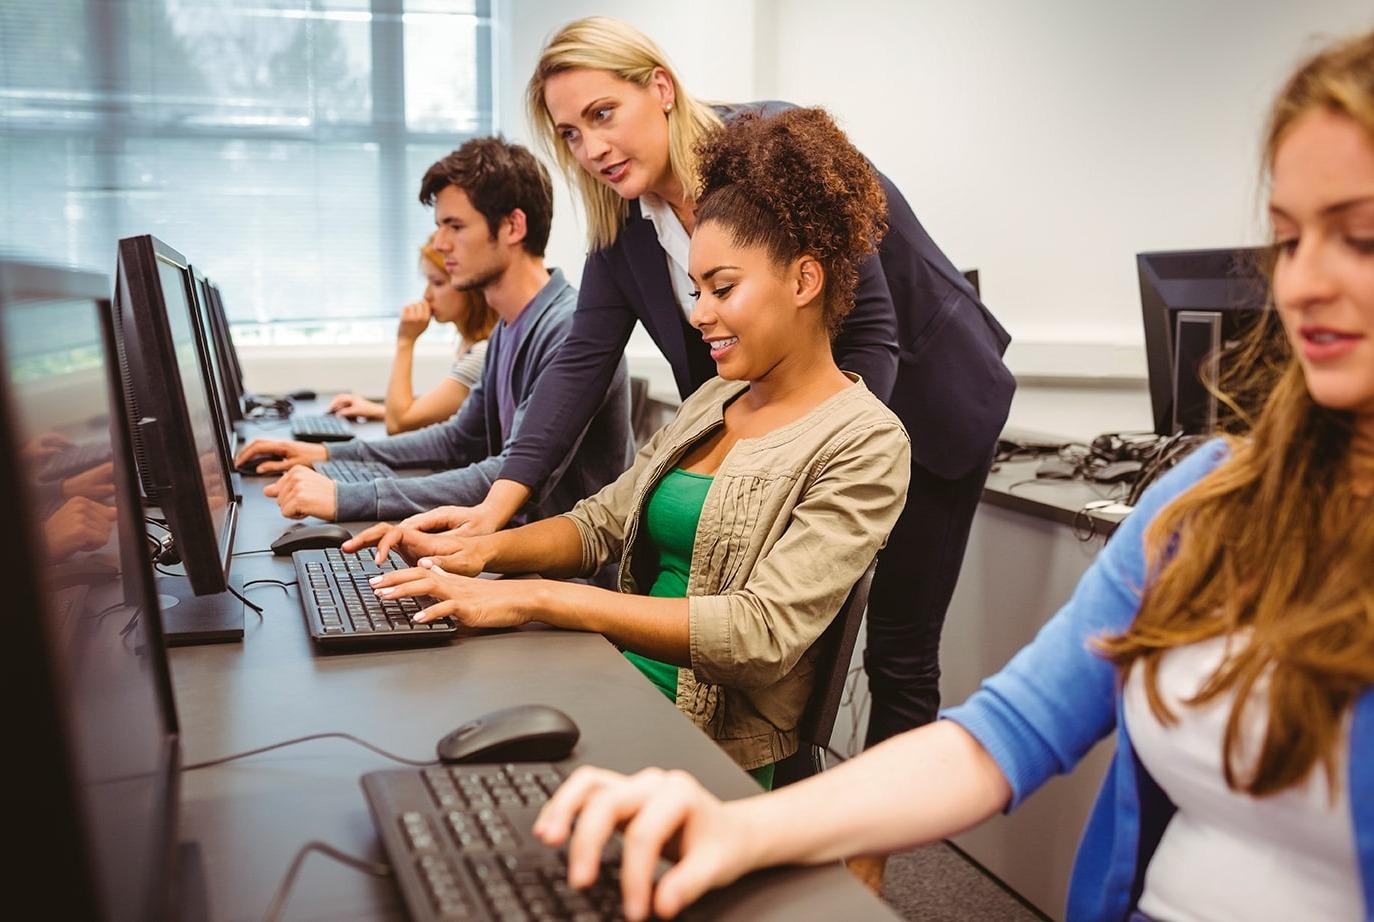 Grupo de estudiantes con una maestro trabajando con computadoras